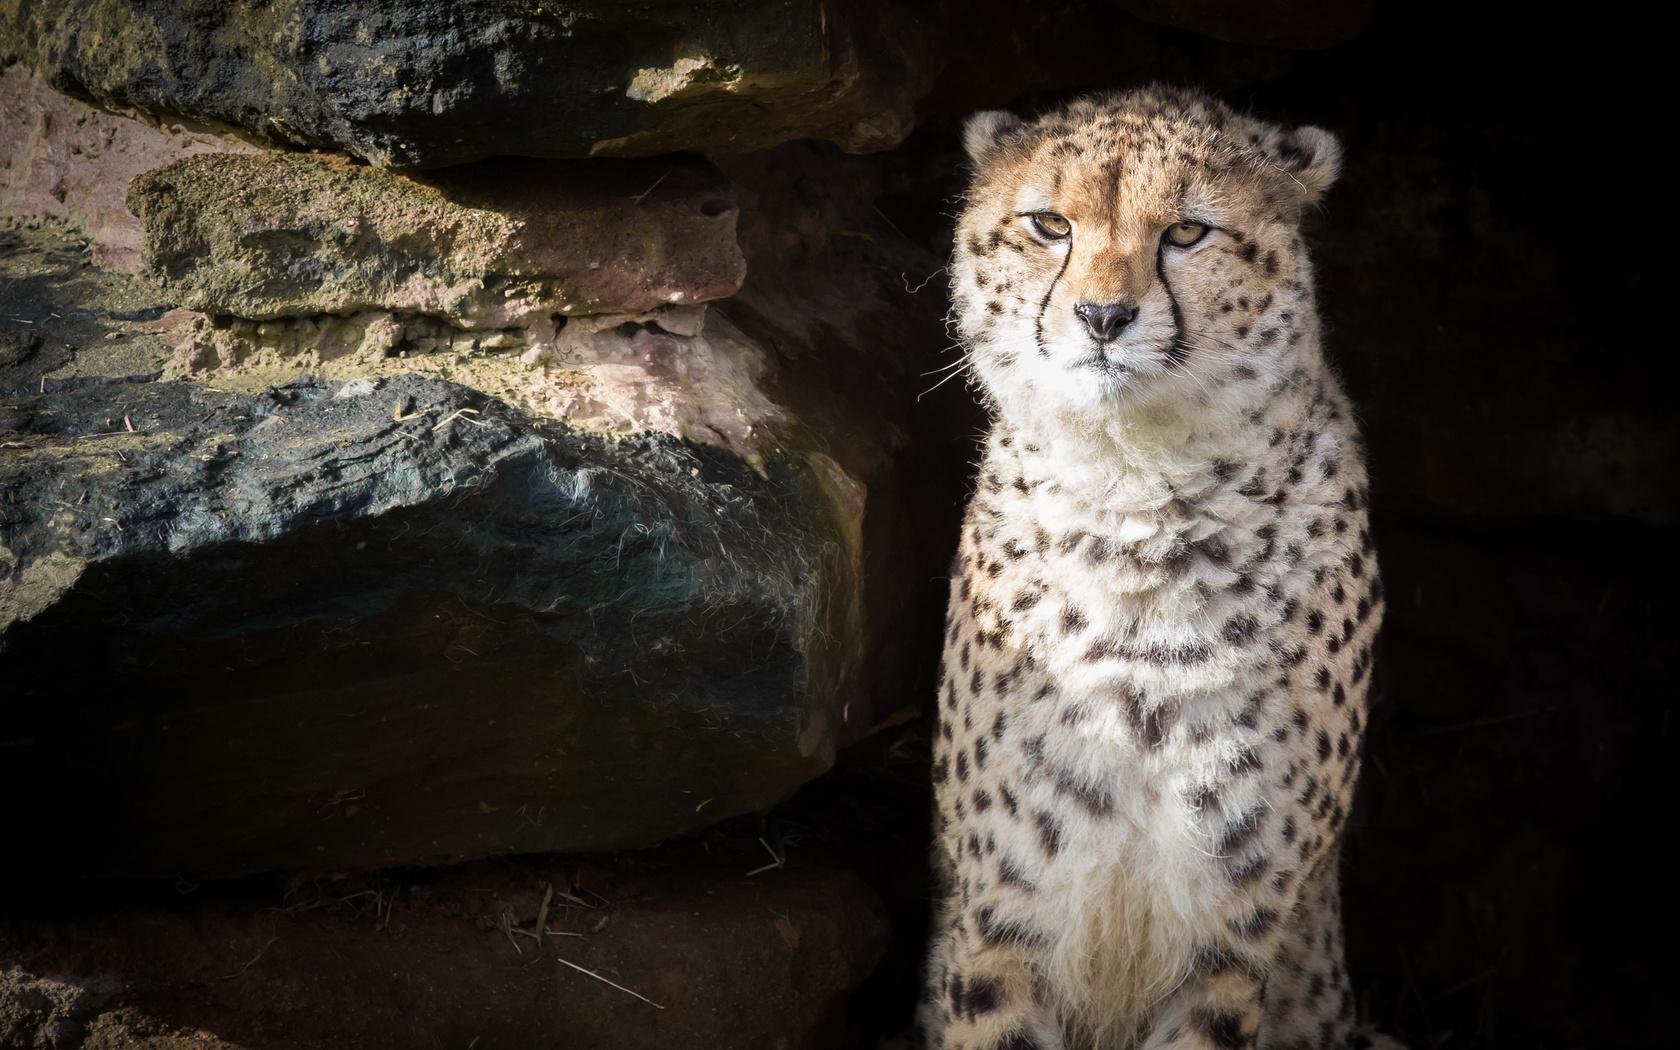 гепард, животное, хищник, большая кошка, дикая природа